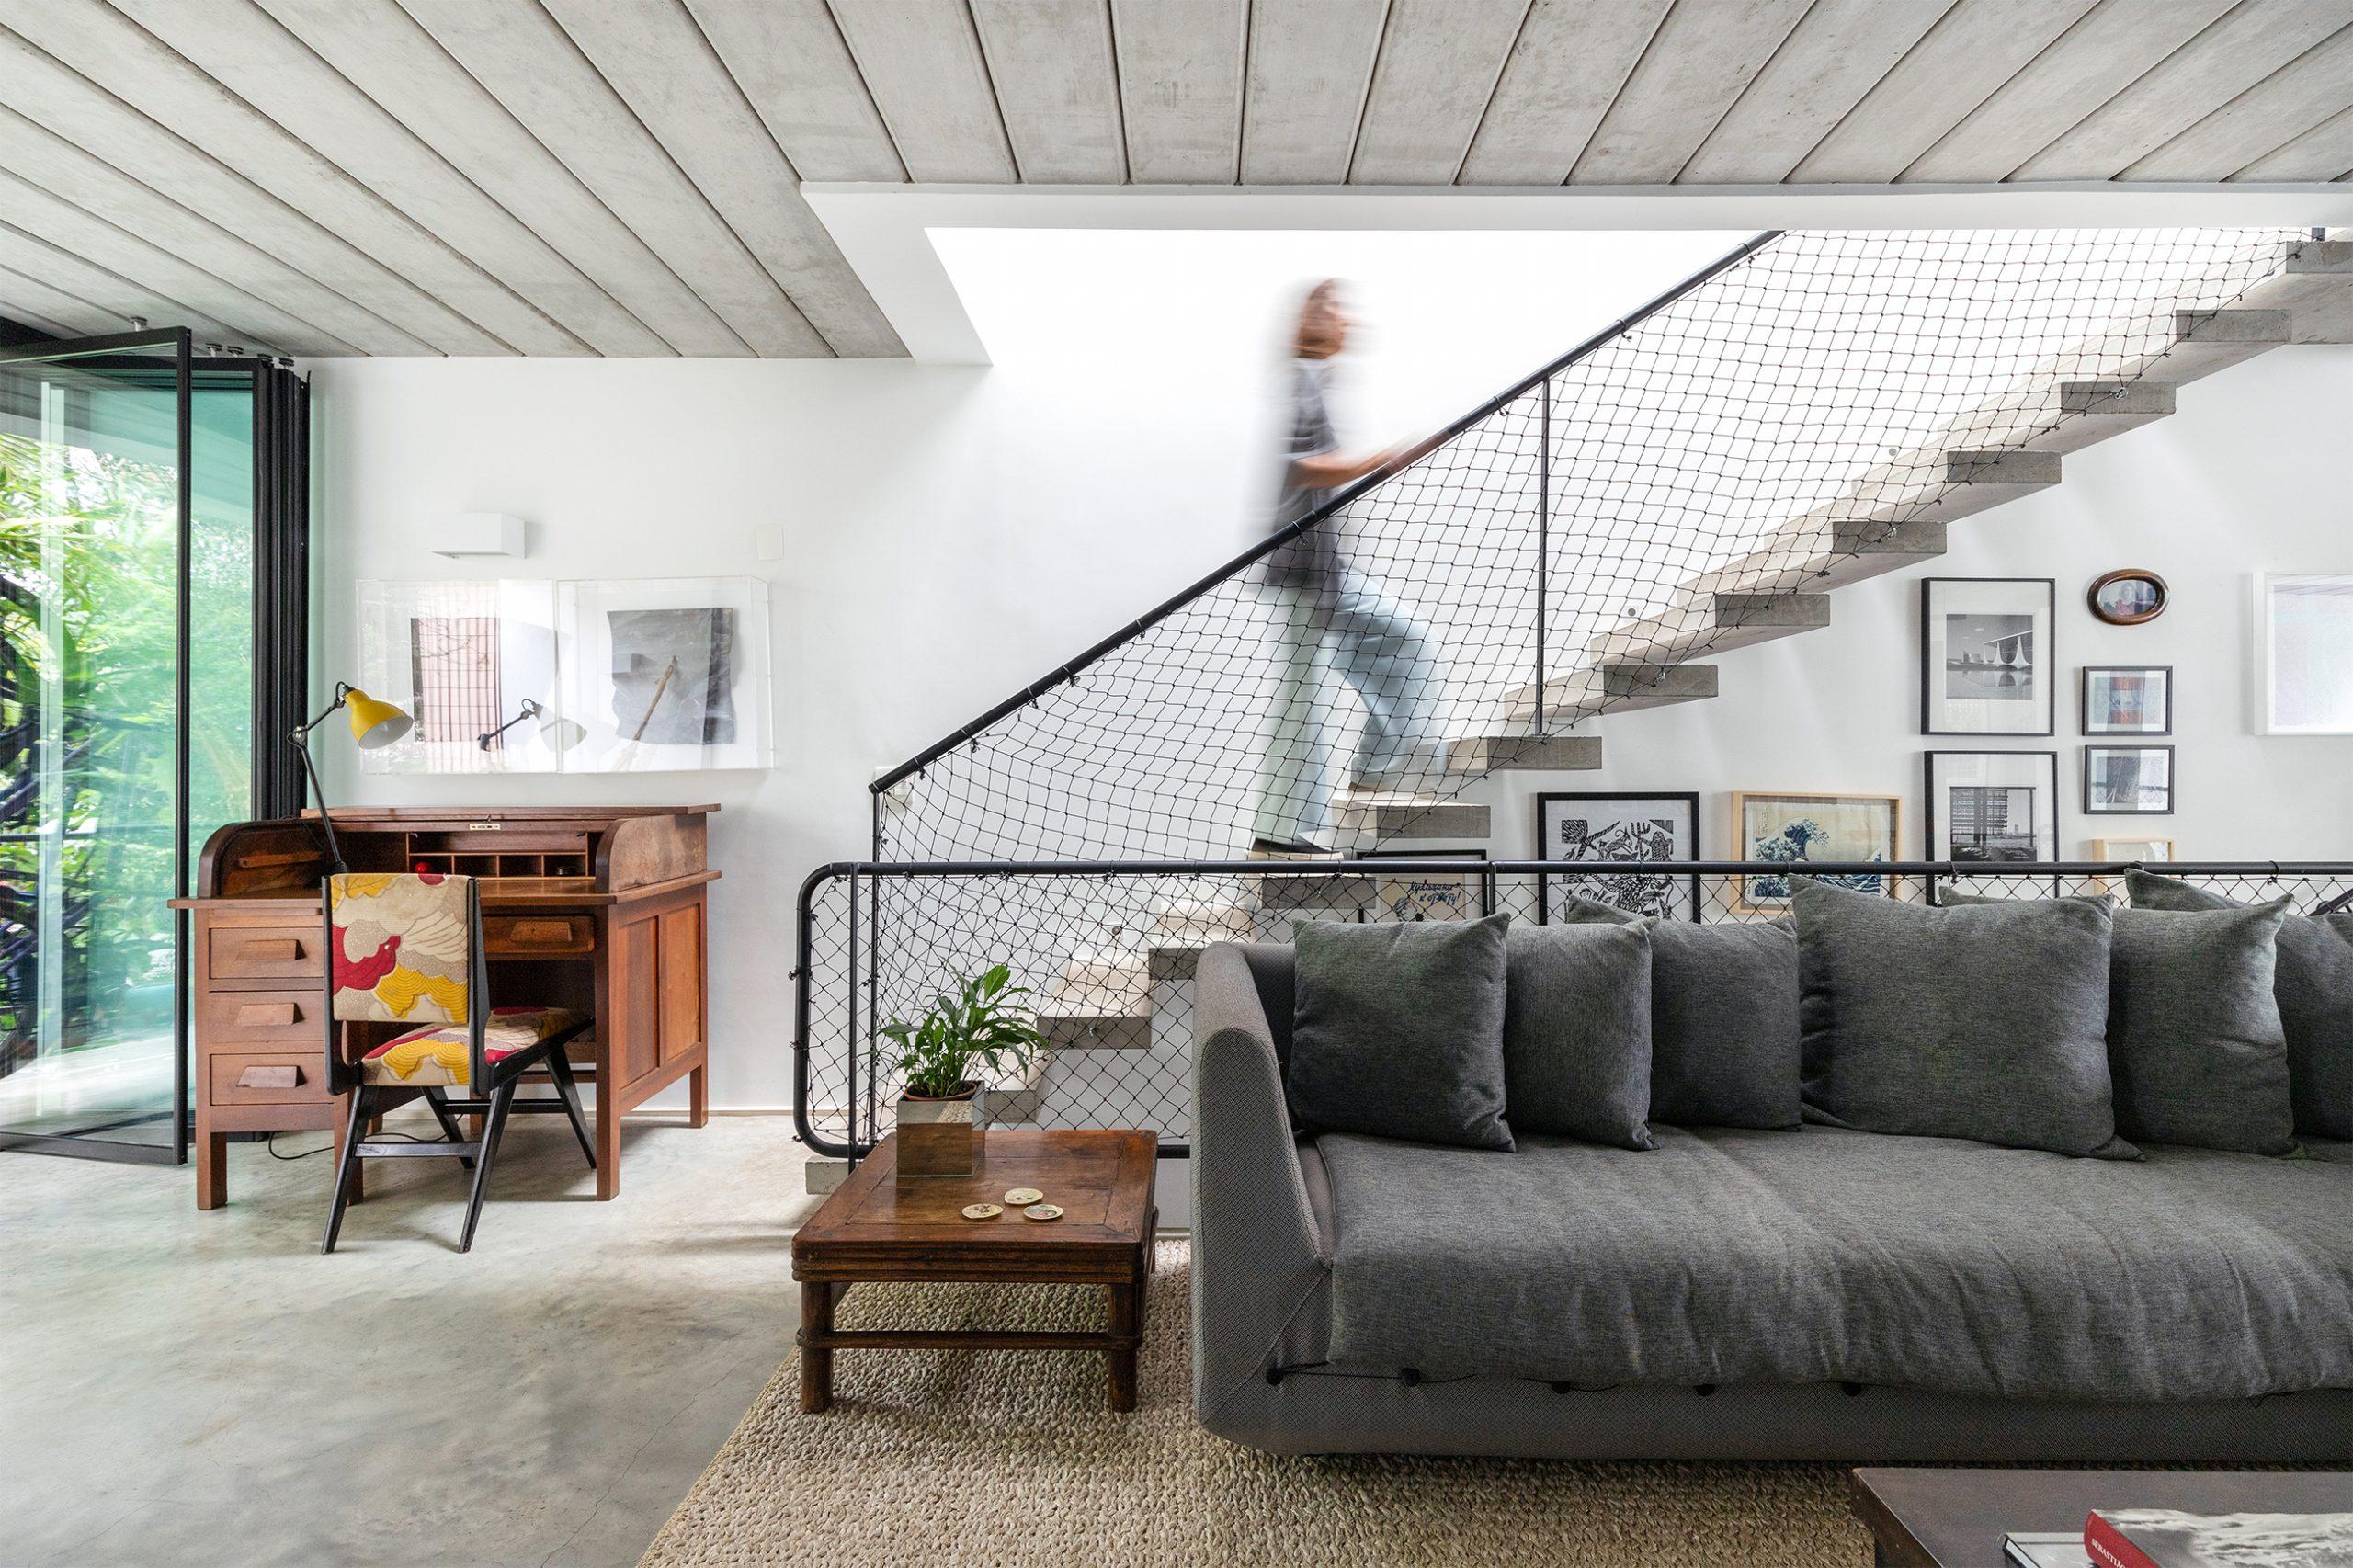 decoração casa sala com sofá cinza, escrivaninha de madeira e escada de concreto